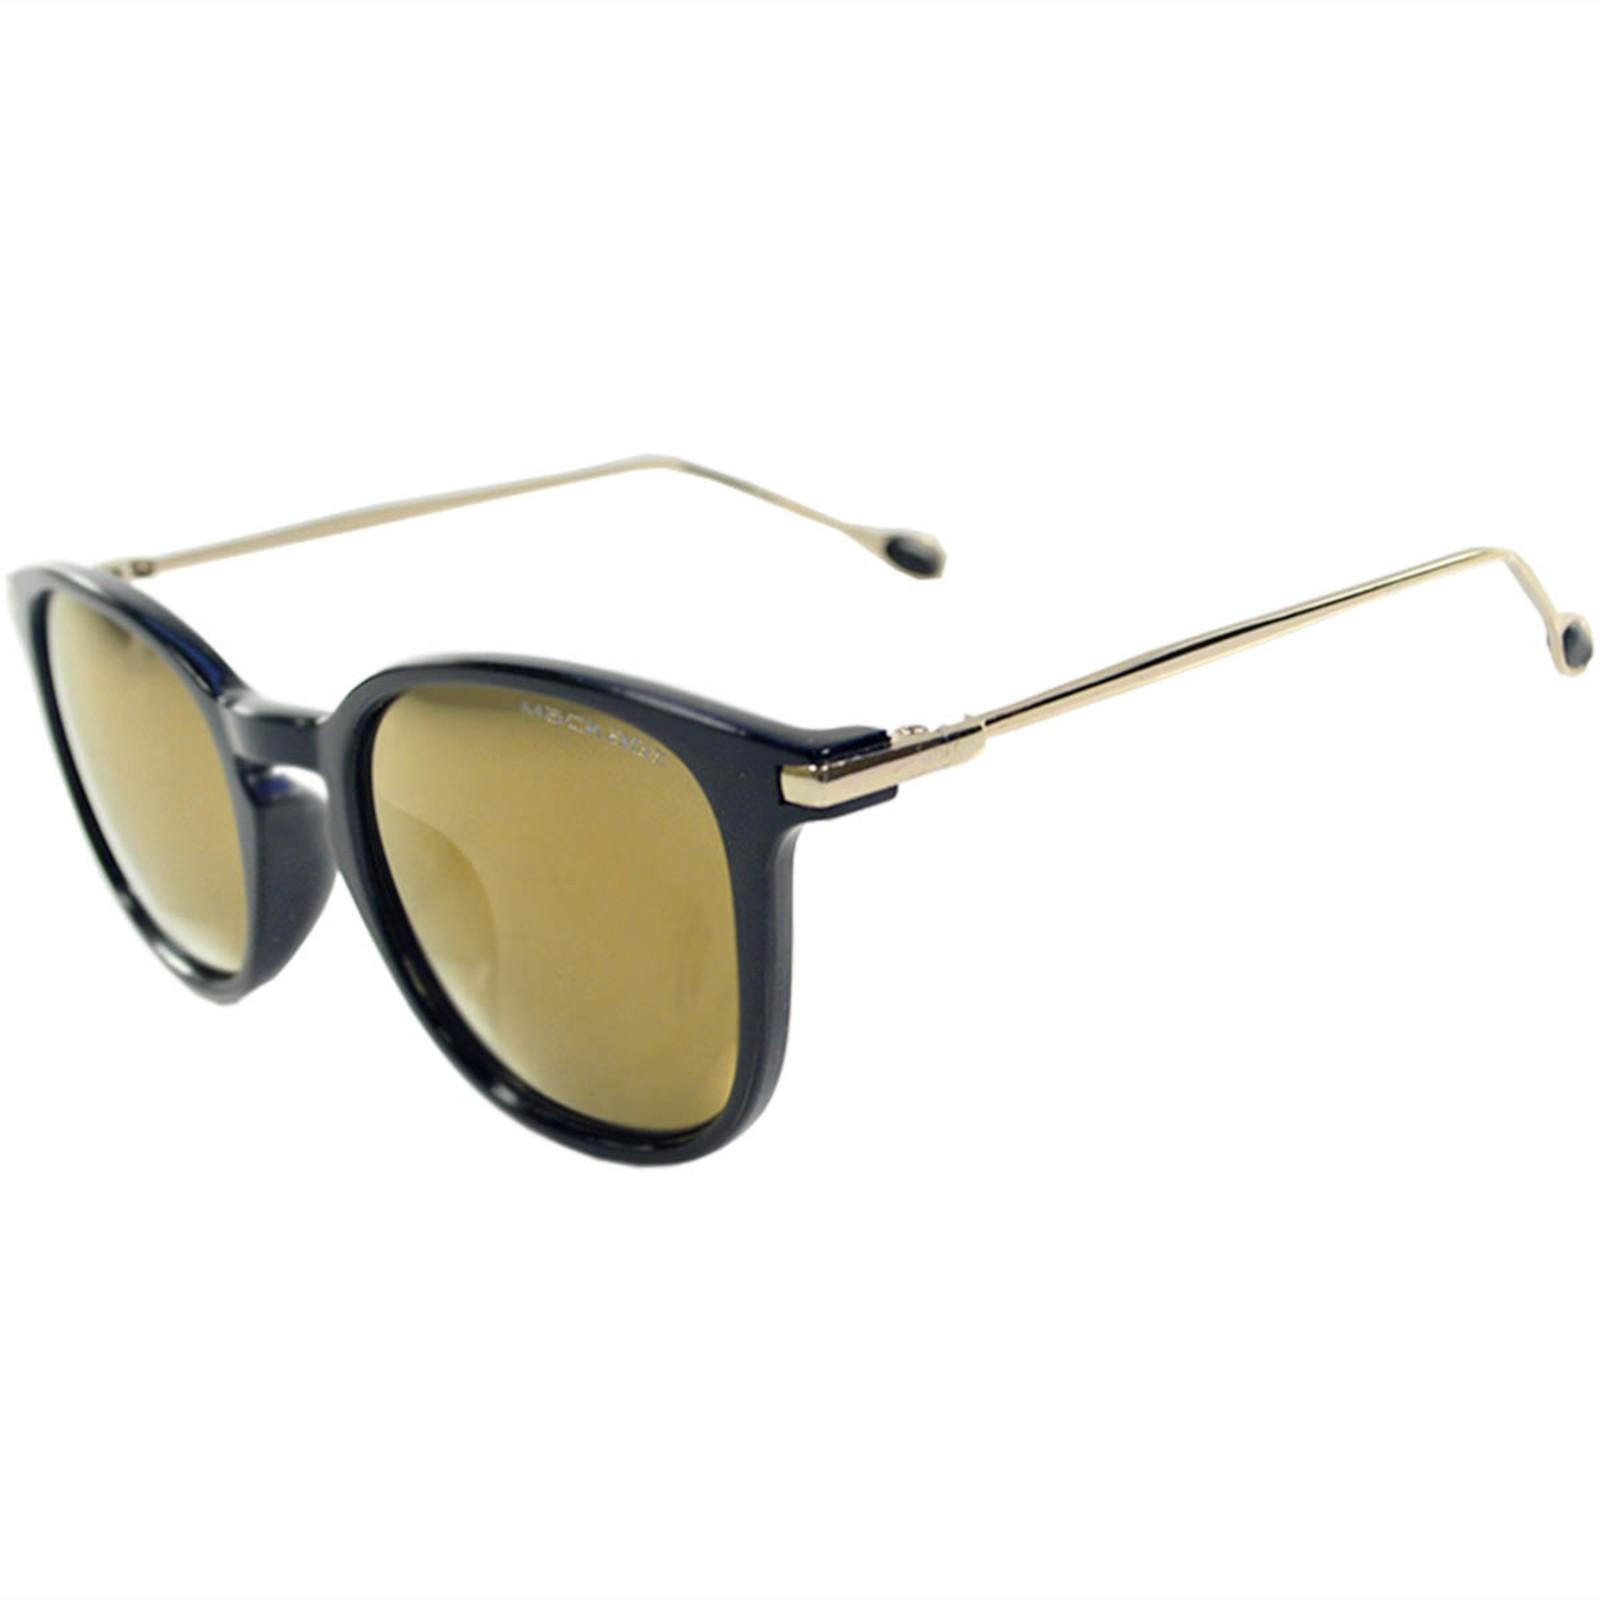 Óculos de Sol Mackage Unisex Acetato/Hastes em Metal Retangular - Preto